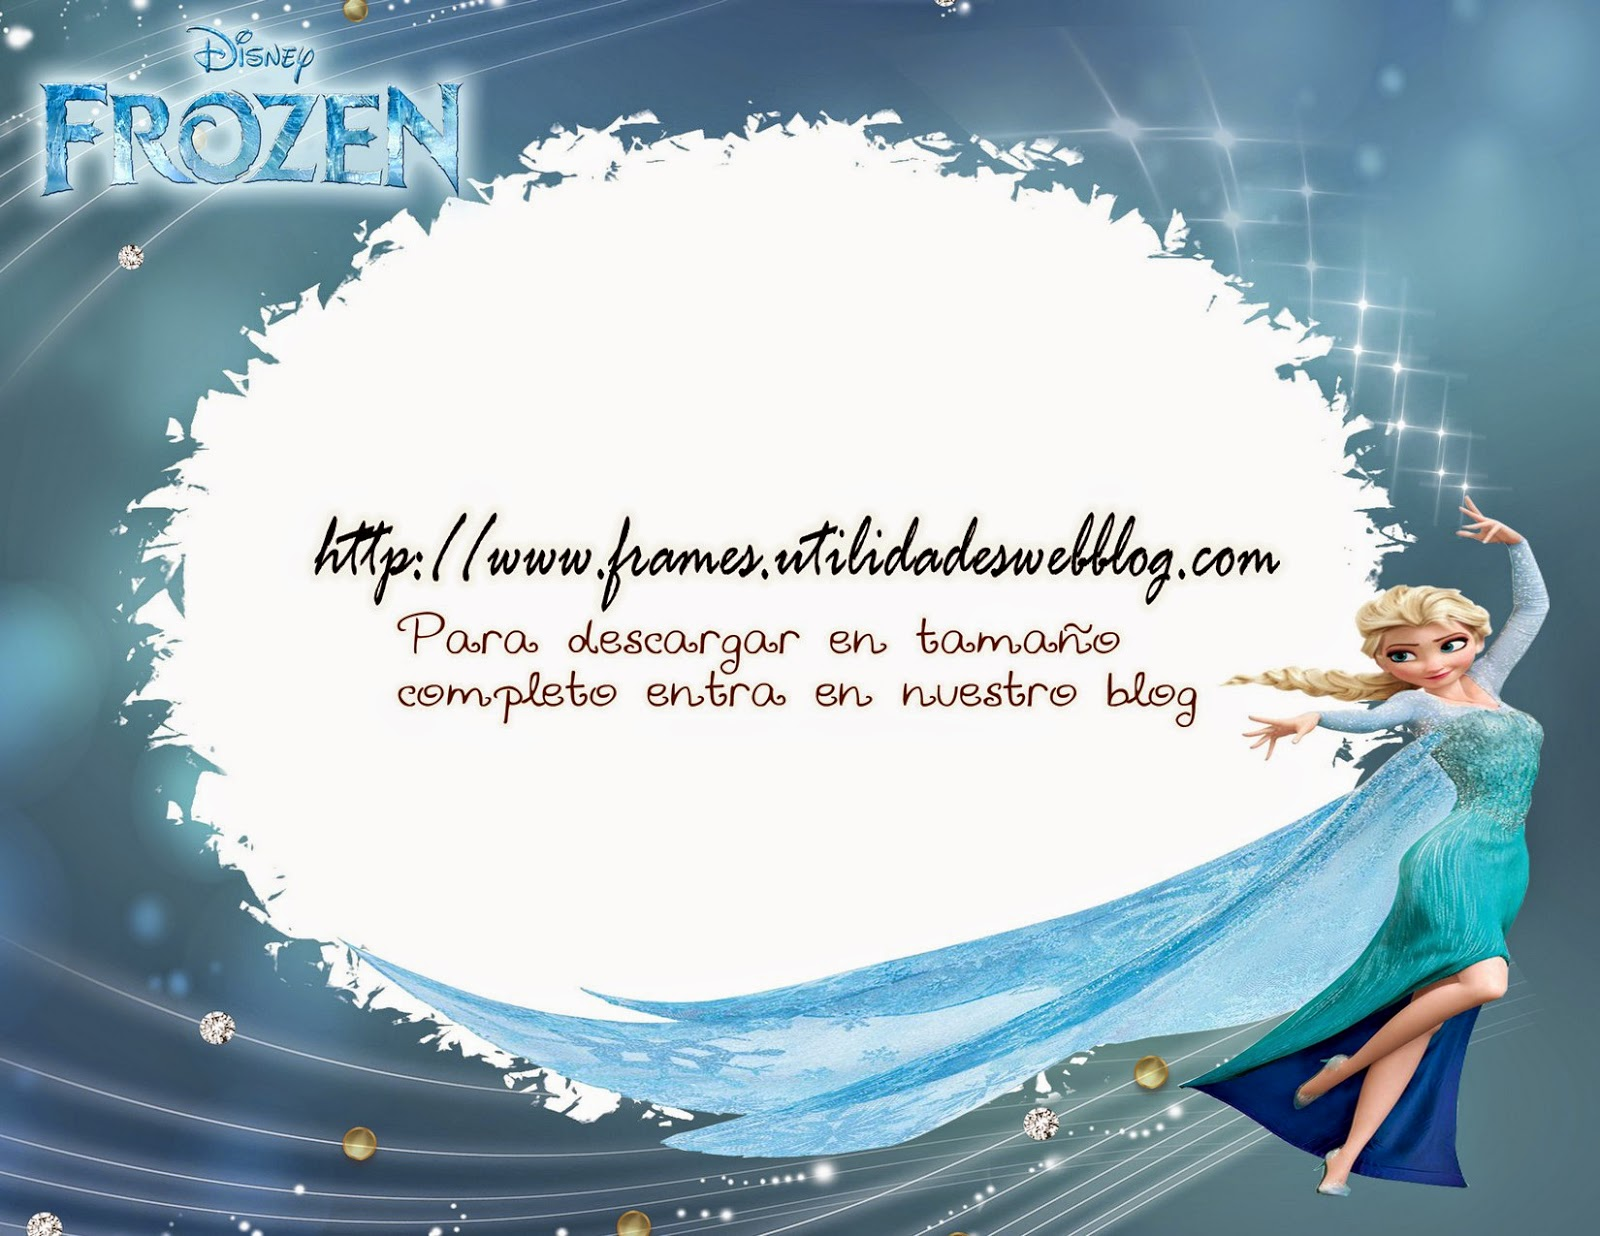 Bonito marco para fotos infantiles inspirado en Frozen